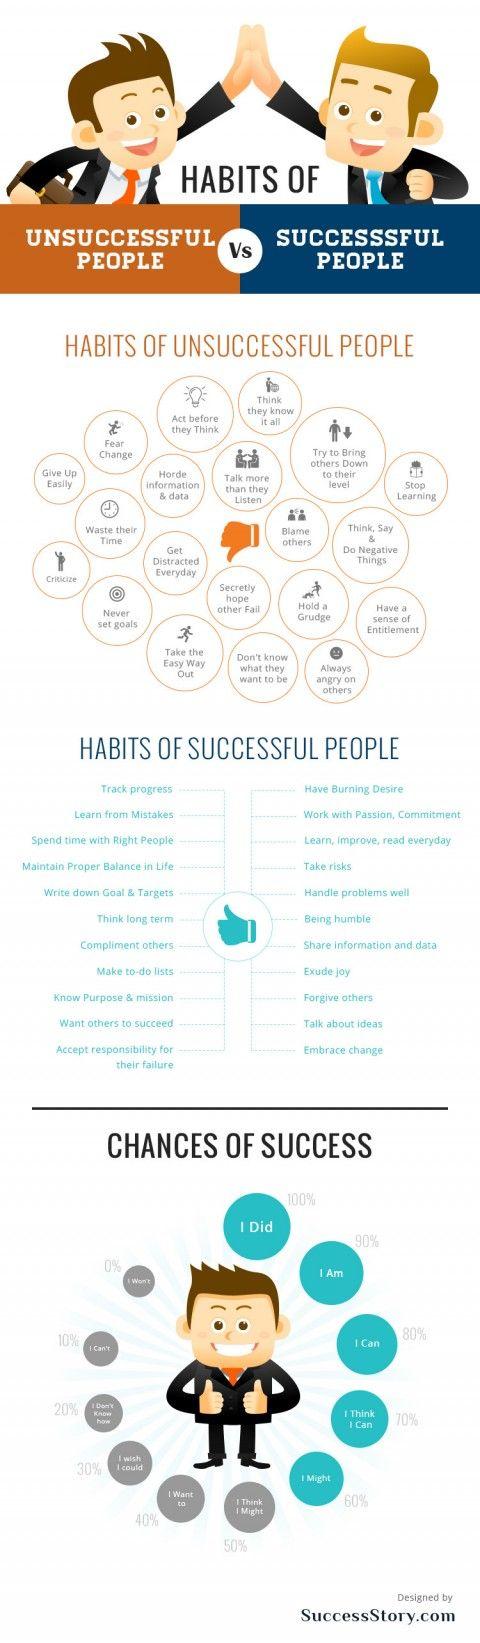 Habits of Unsuccessful People Vs Successful People